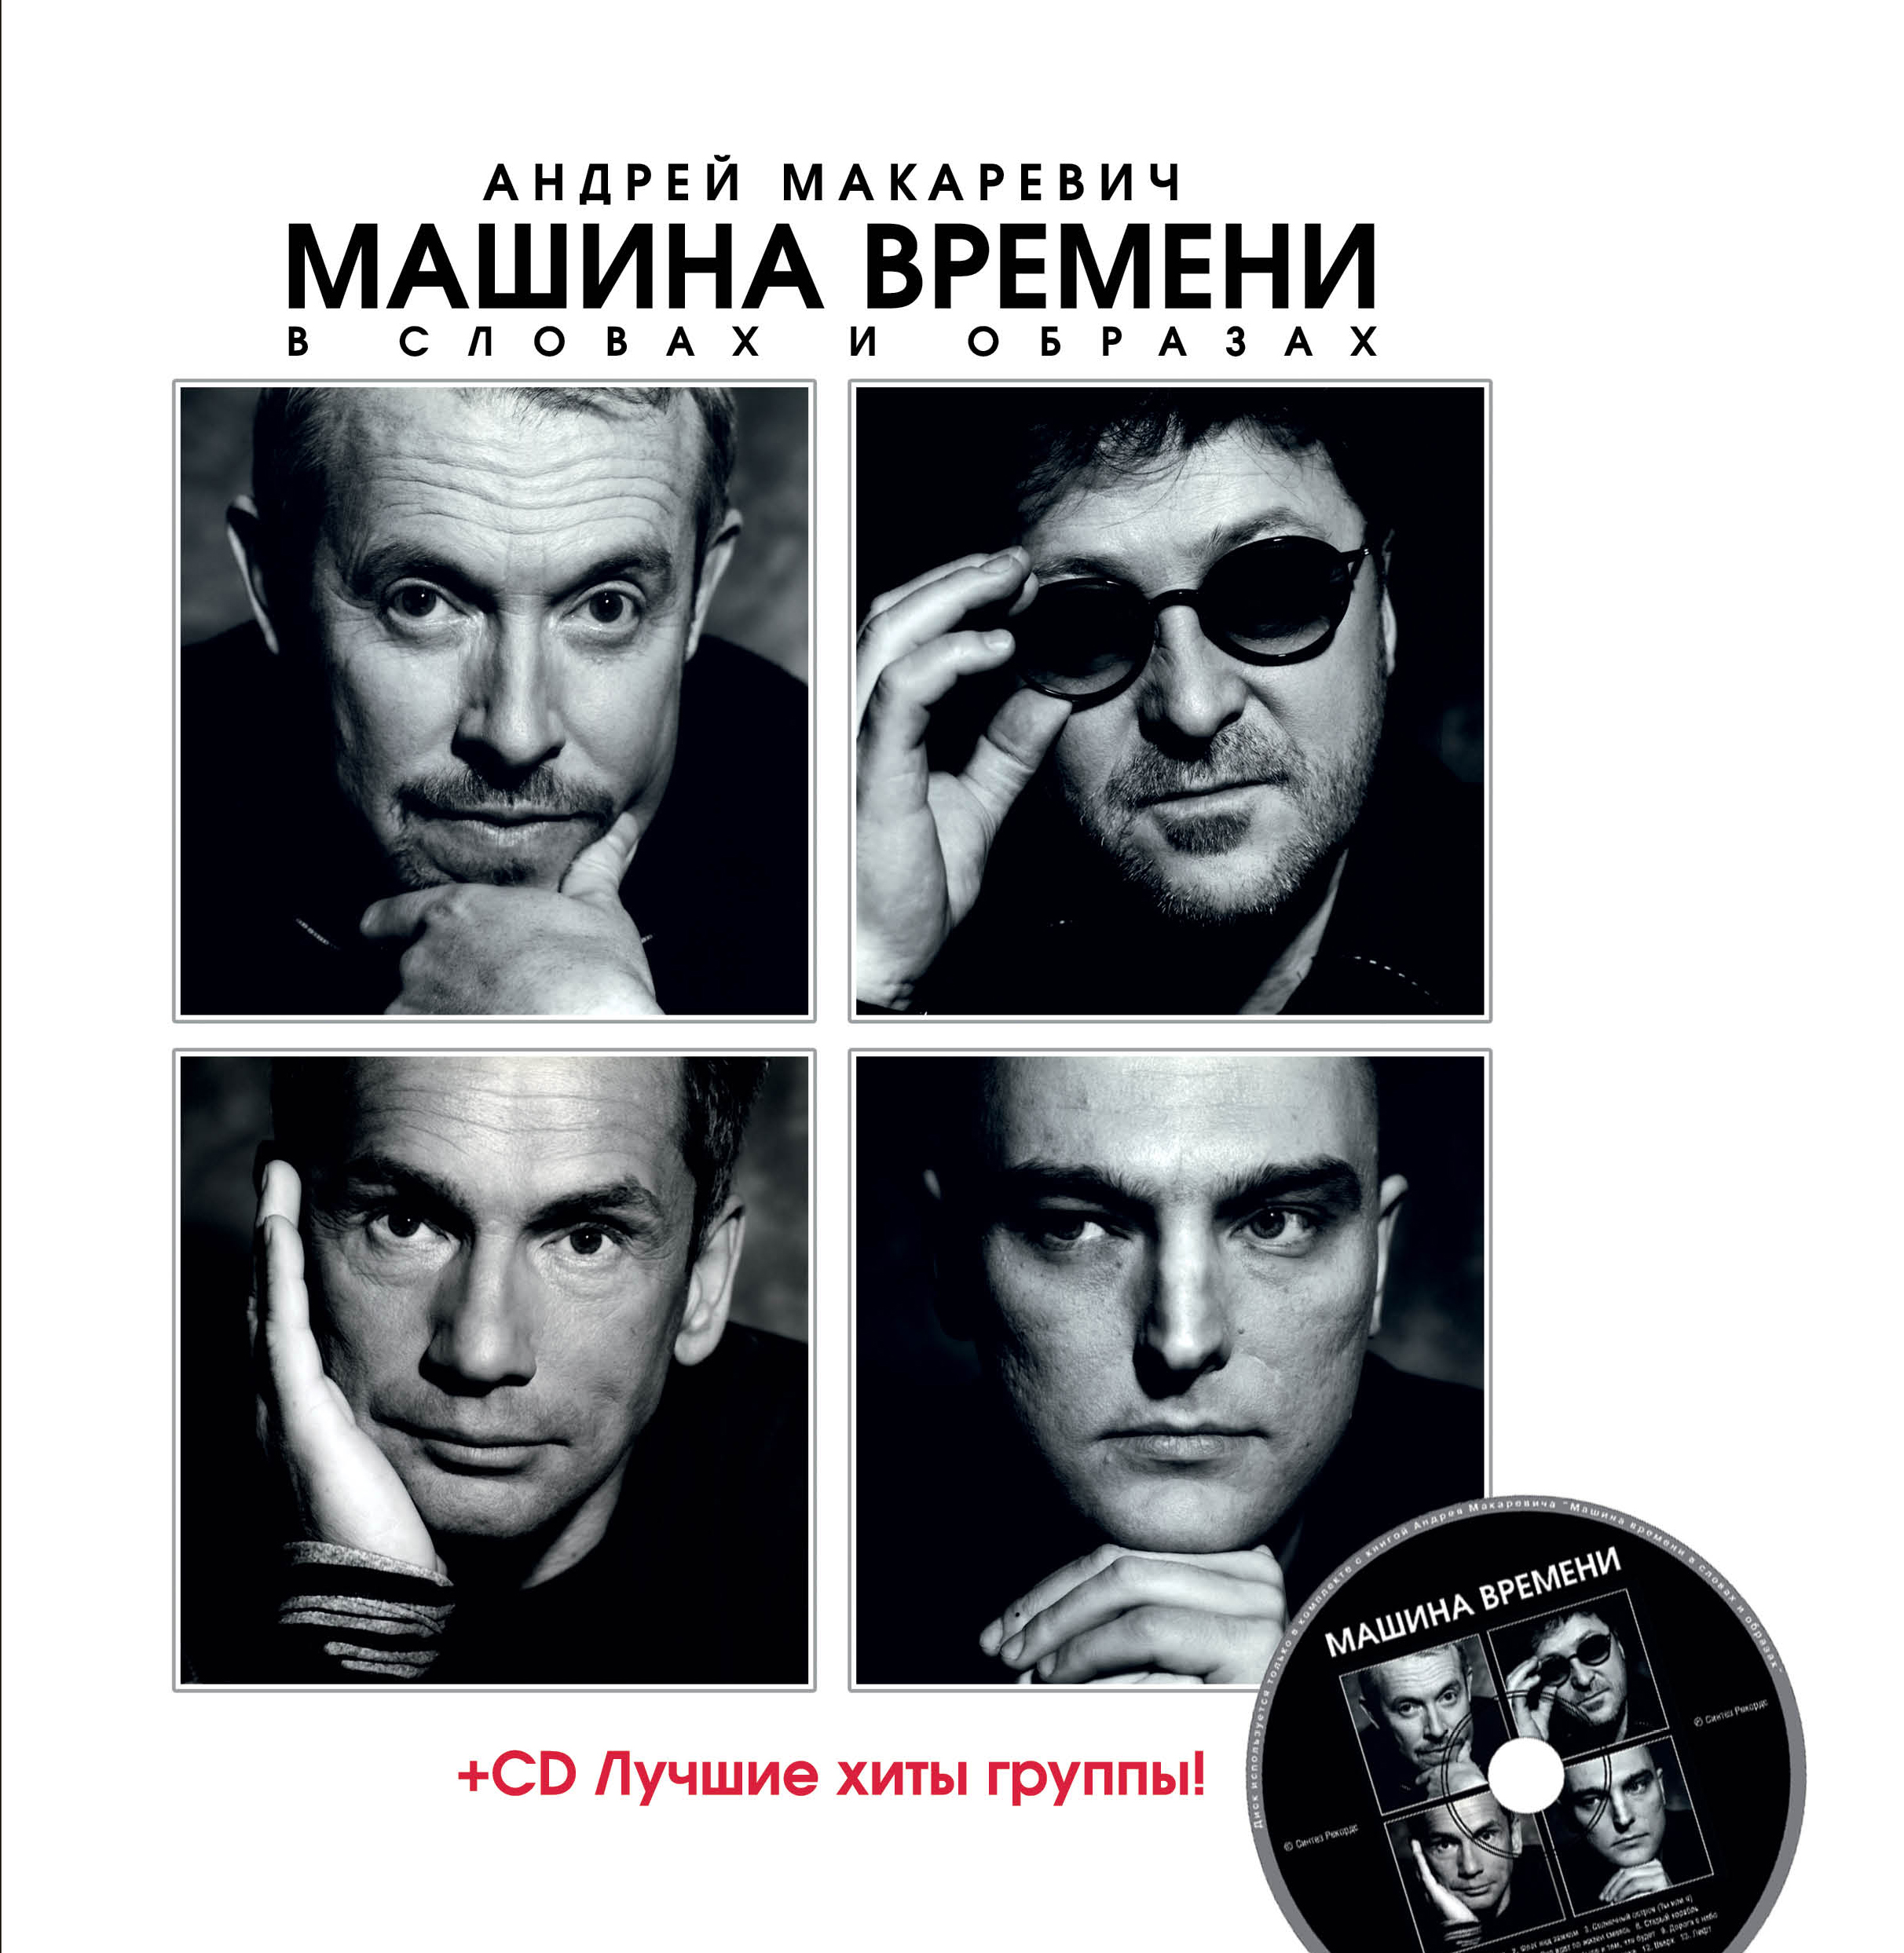 """""""Машина Времени"""" в словах и образах (+CD) ( Макаревич А.В.  )"""